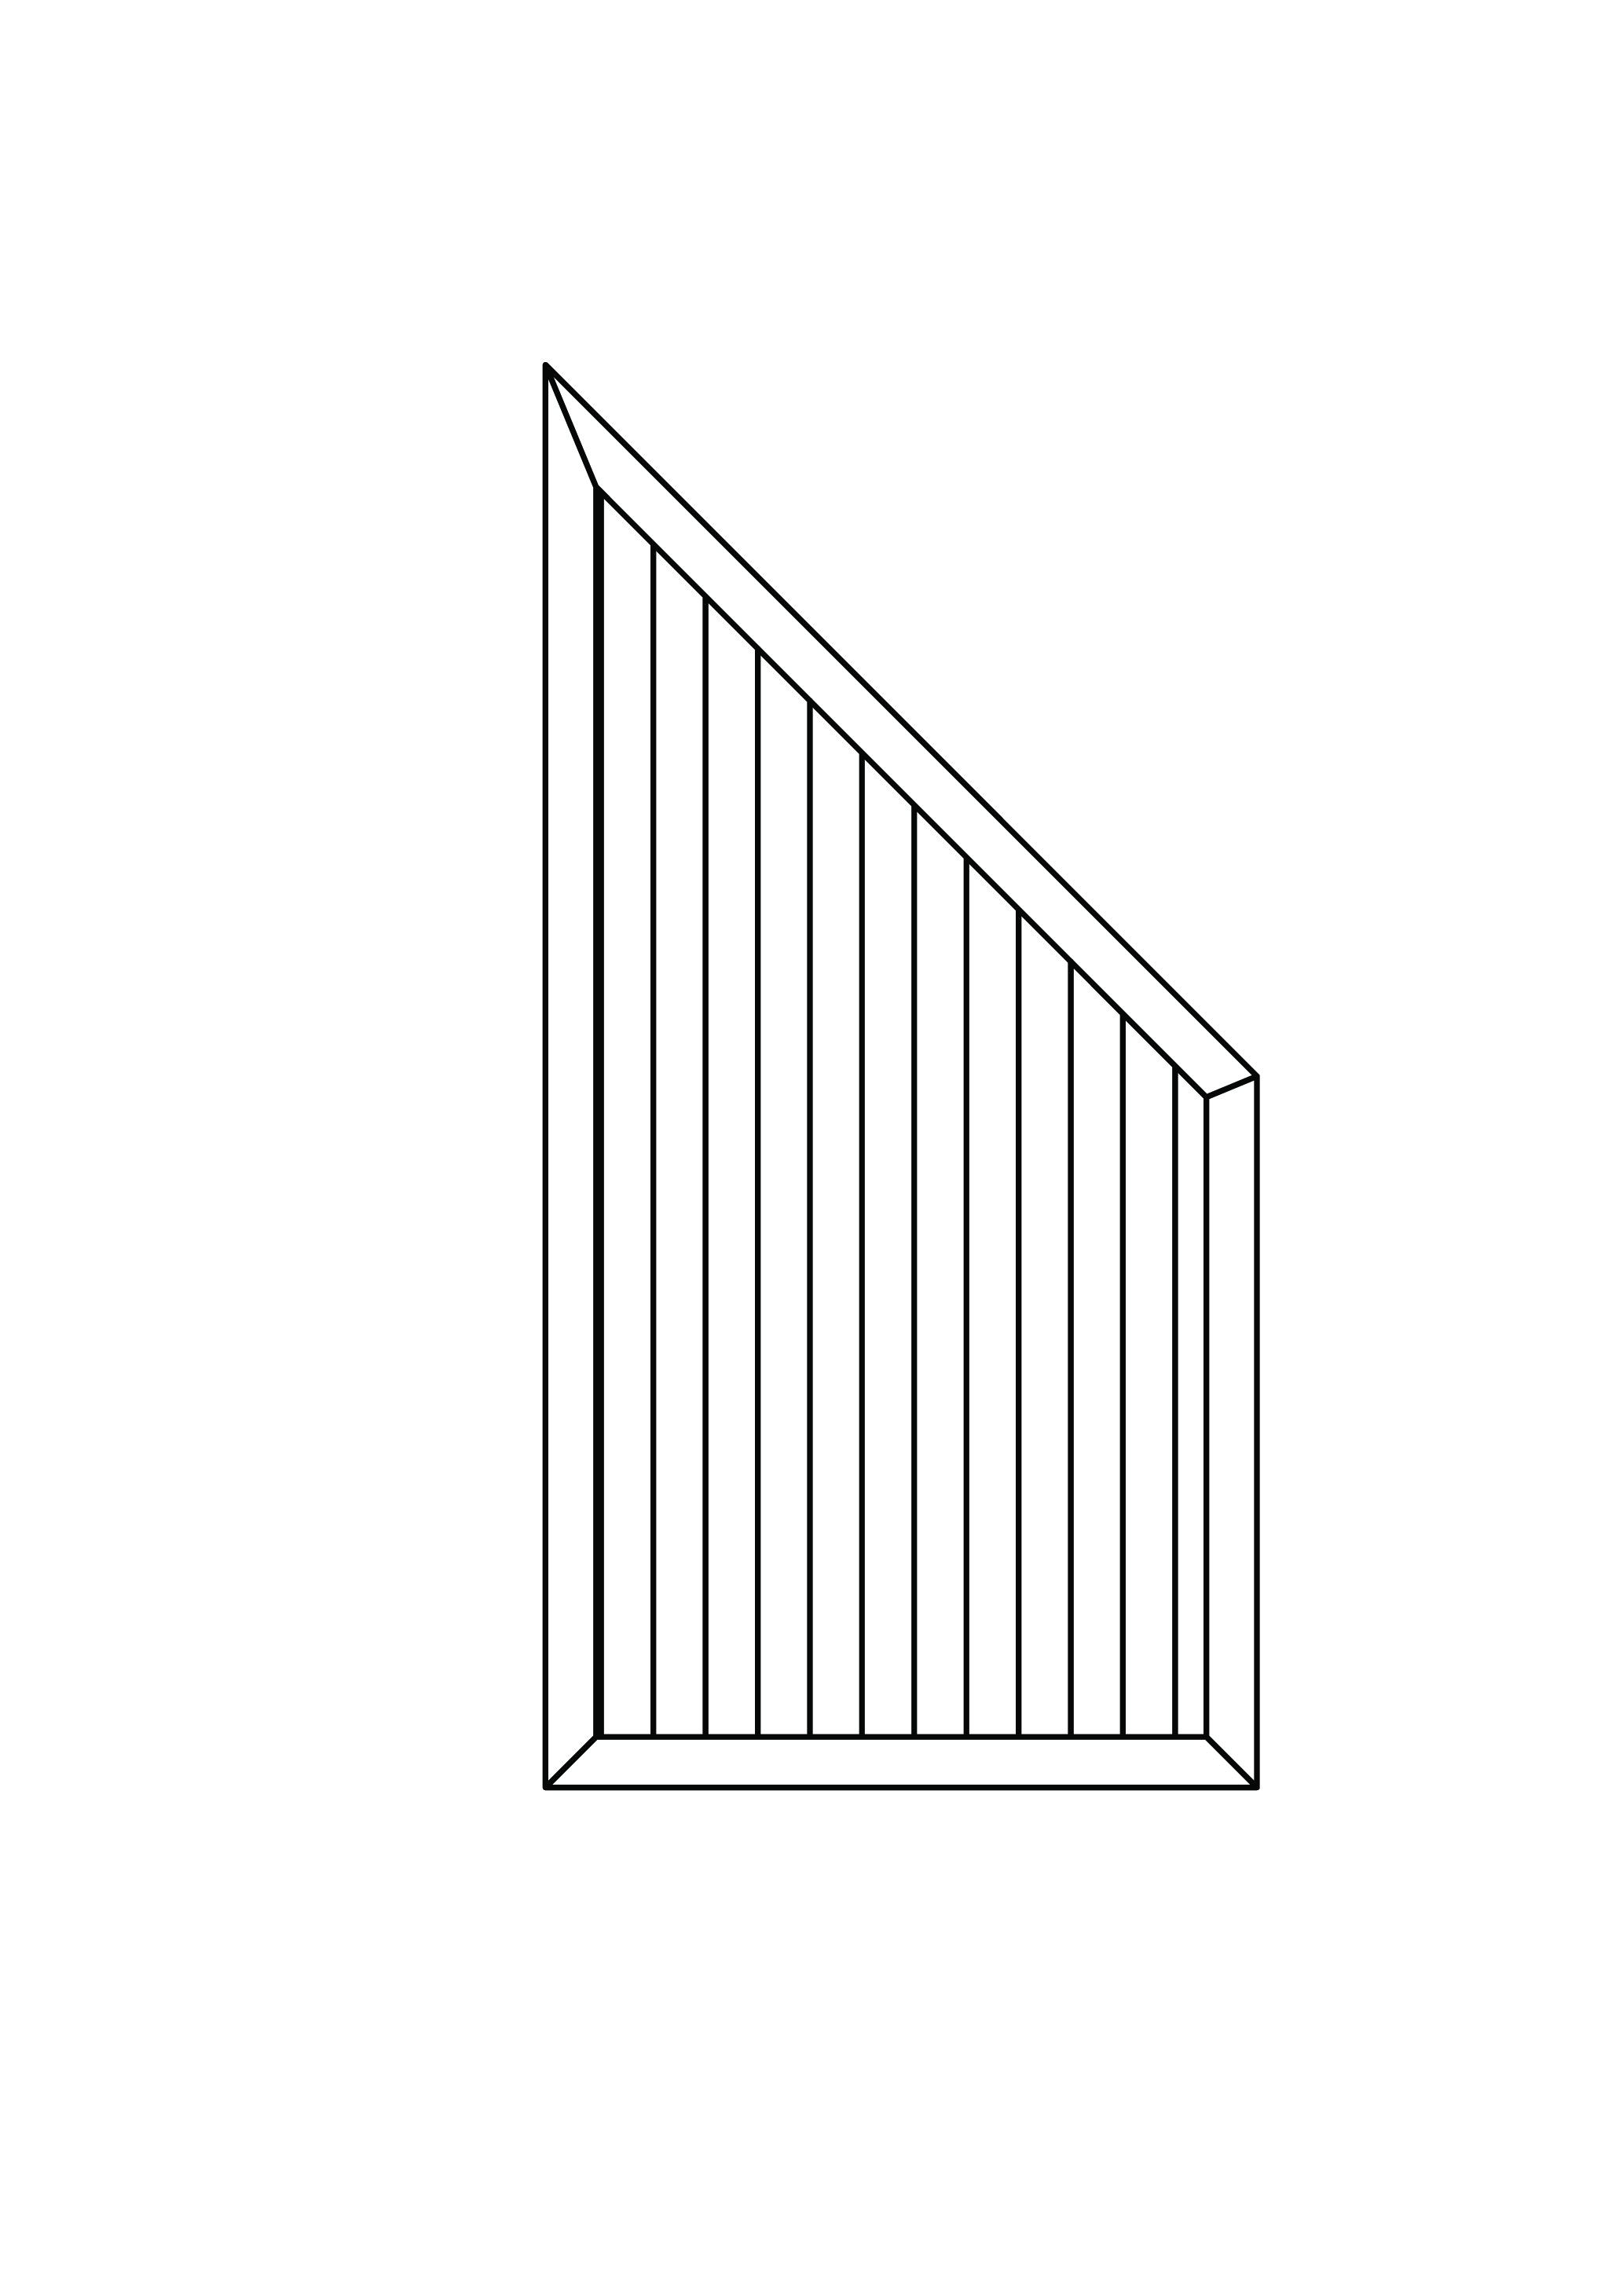 Sichtschutz Element Mit Abschluss Schrage Sondermass Maximal B 0